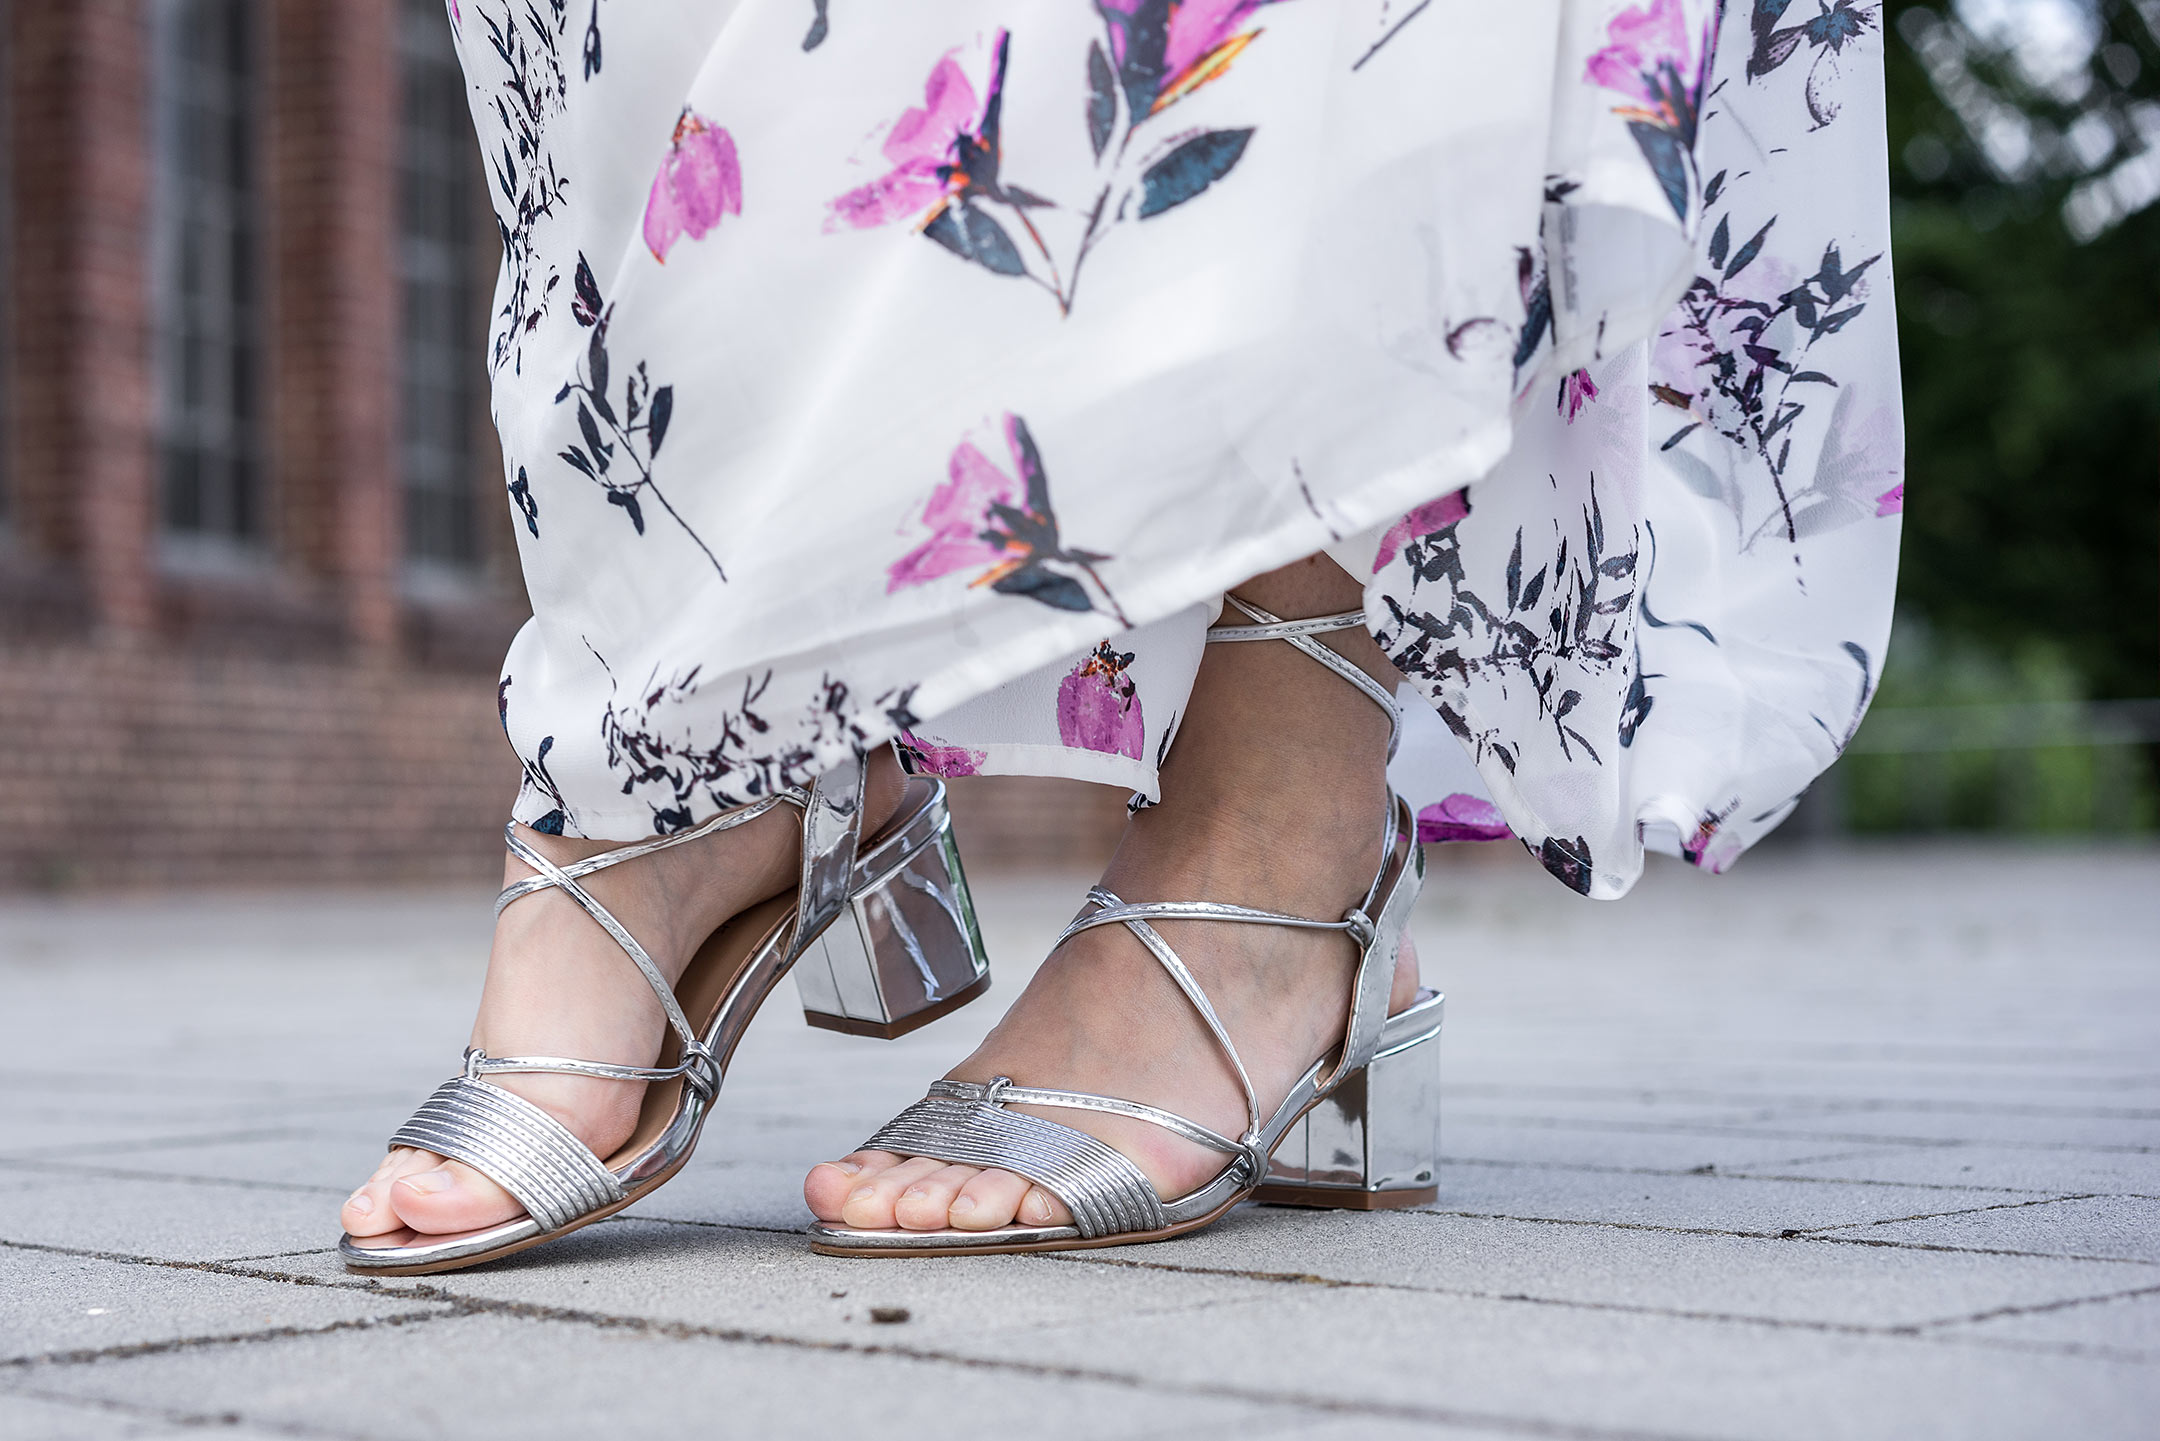 Sandalen Absatz silber Sommer Kleid Modeblog Düsseldorf Sunnyinga